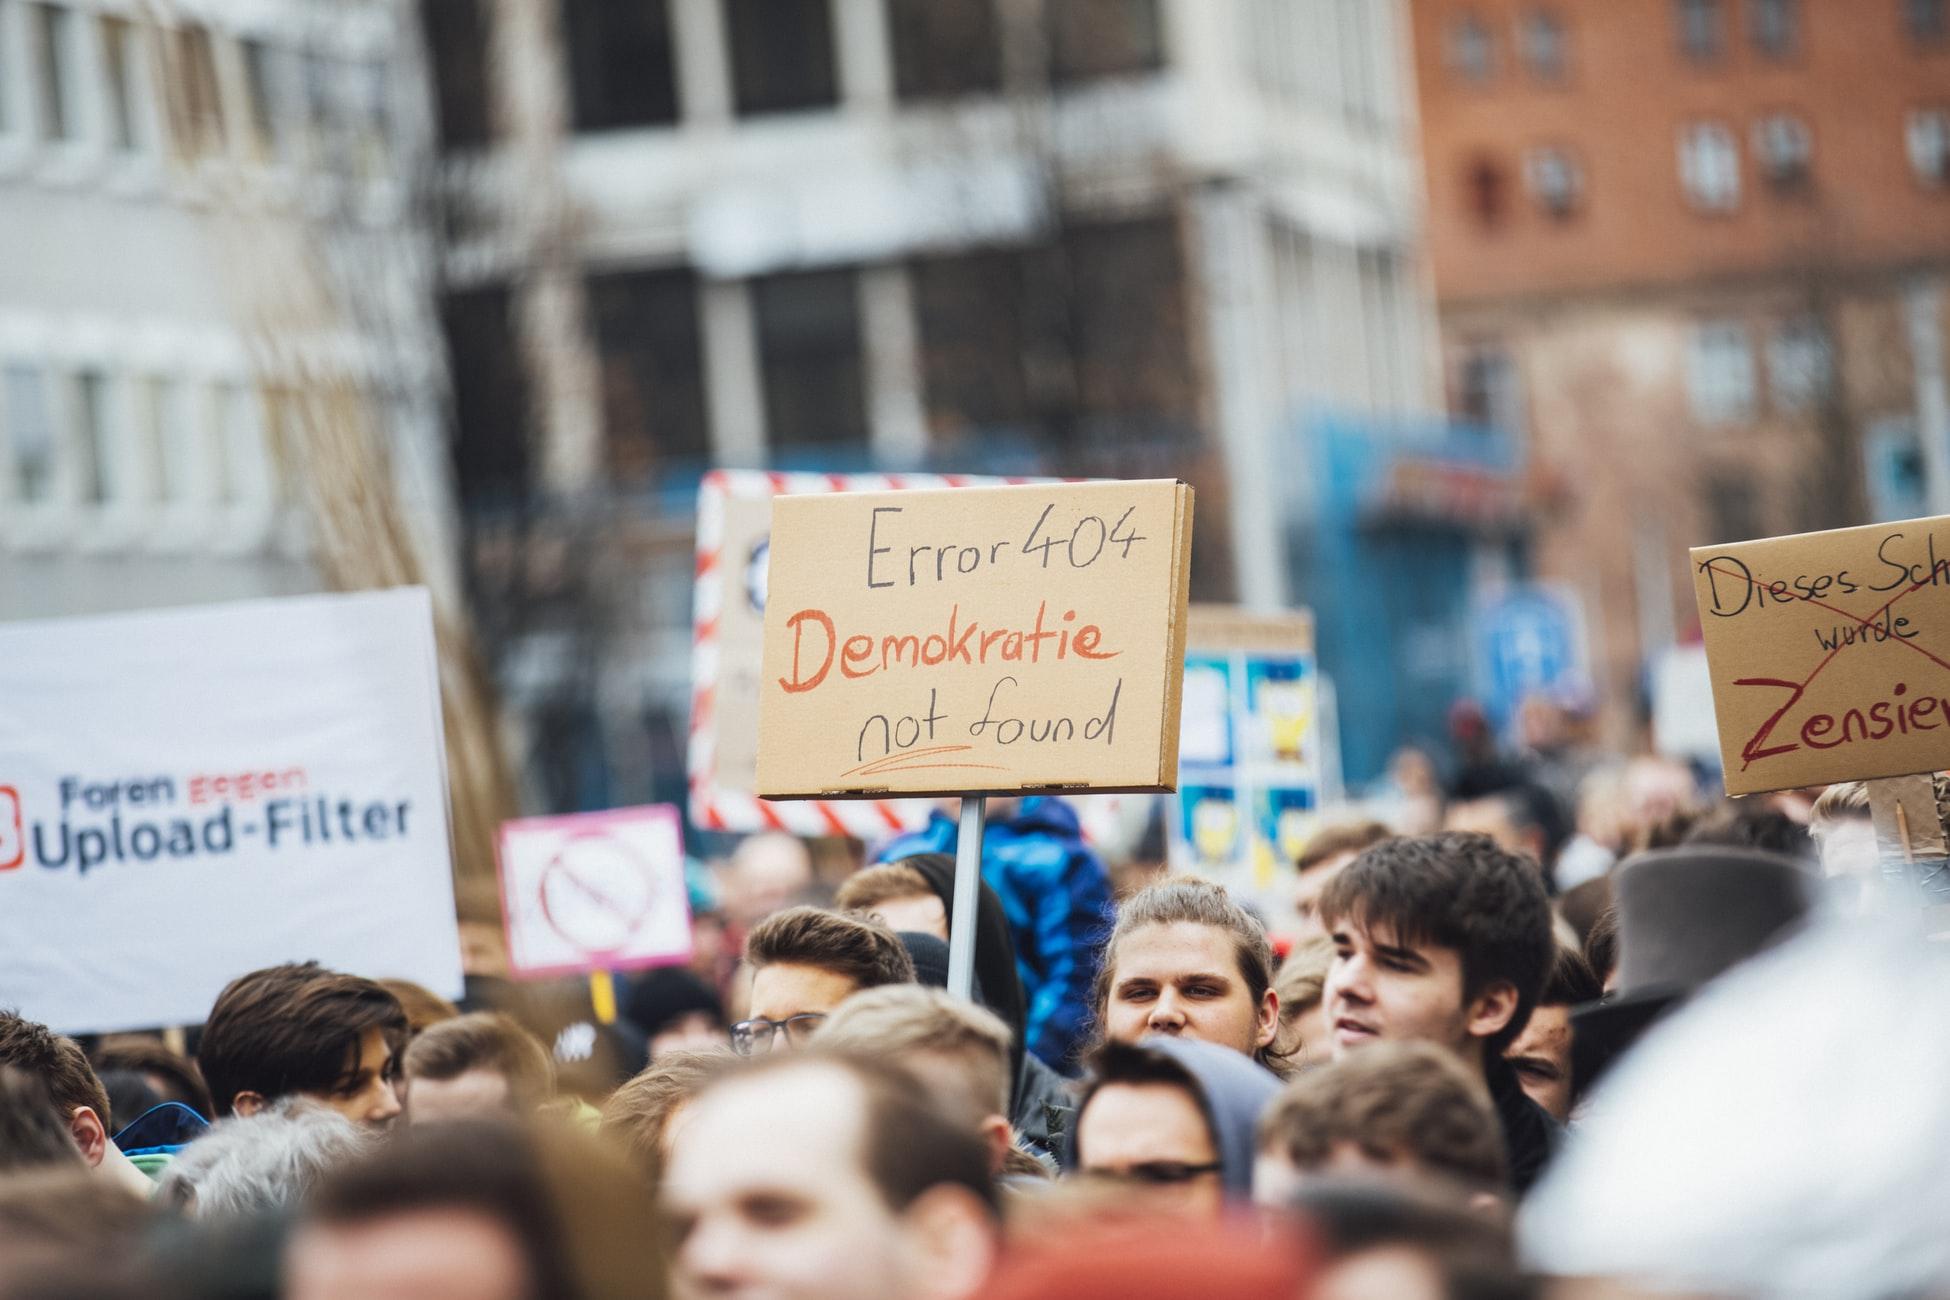 Manifestación ciudadana contra el filtrado de contenido en Internet, el 6 de marzo de 2019 en Nürnberg, Alemania, convocada  bajo el hashtag #CensorshipMachine. Foto: Markus Spiske.